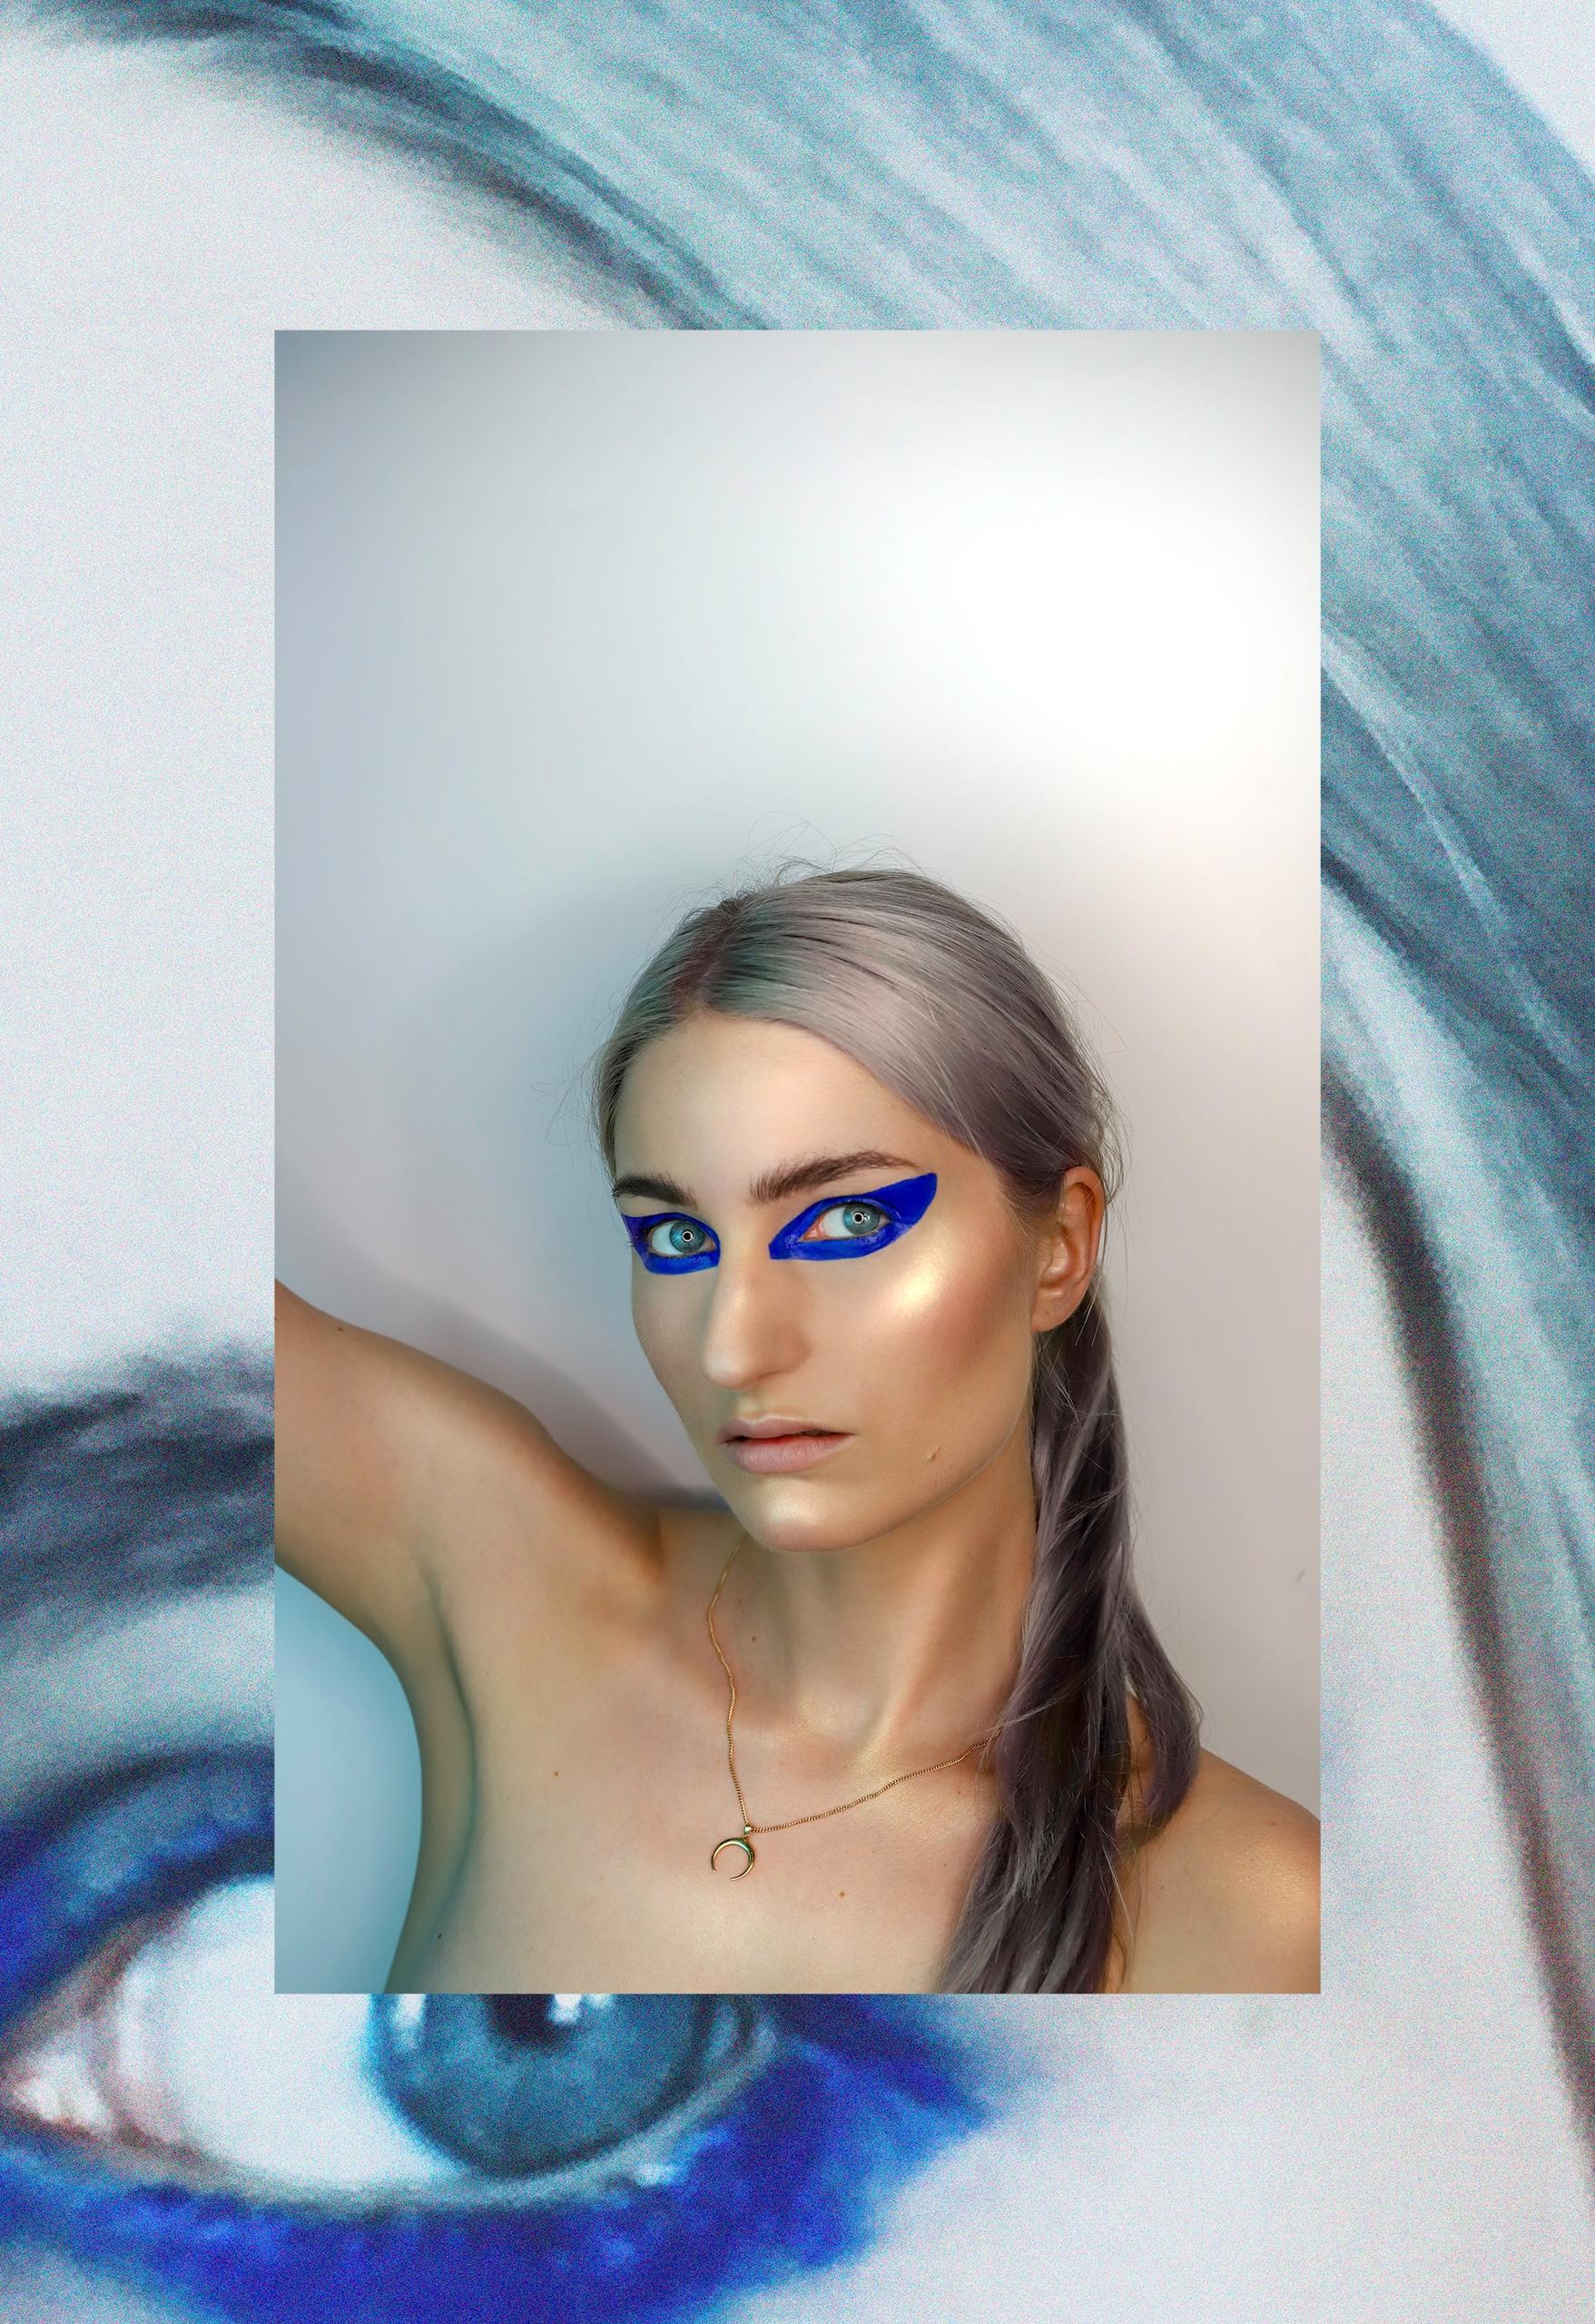 Zdjęcie przedstawia portret kobiety z szarymi włosami, w mocnym makijażu oczu. Zdjęcie w ramie.